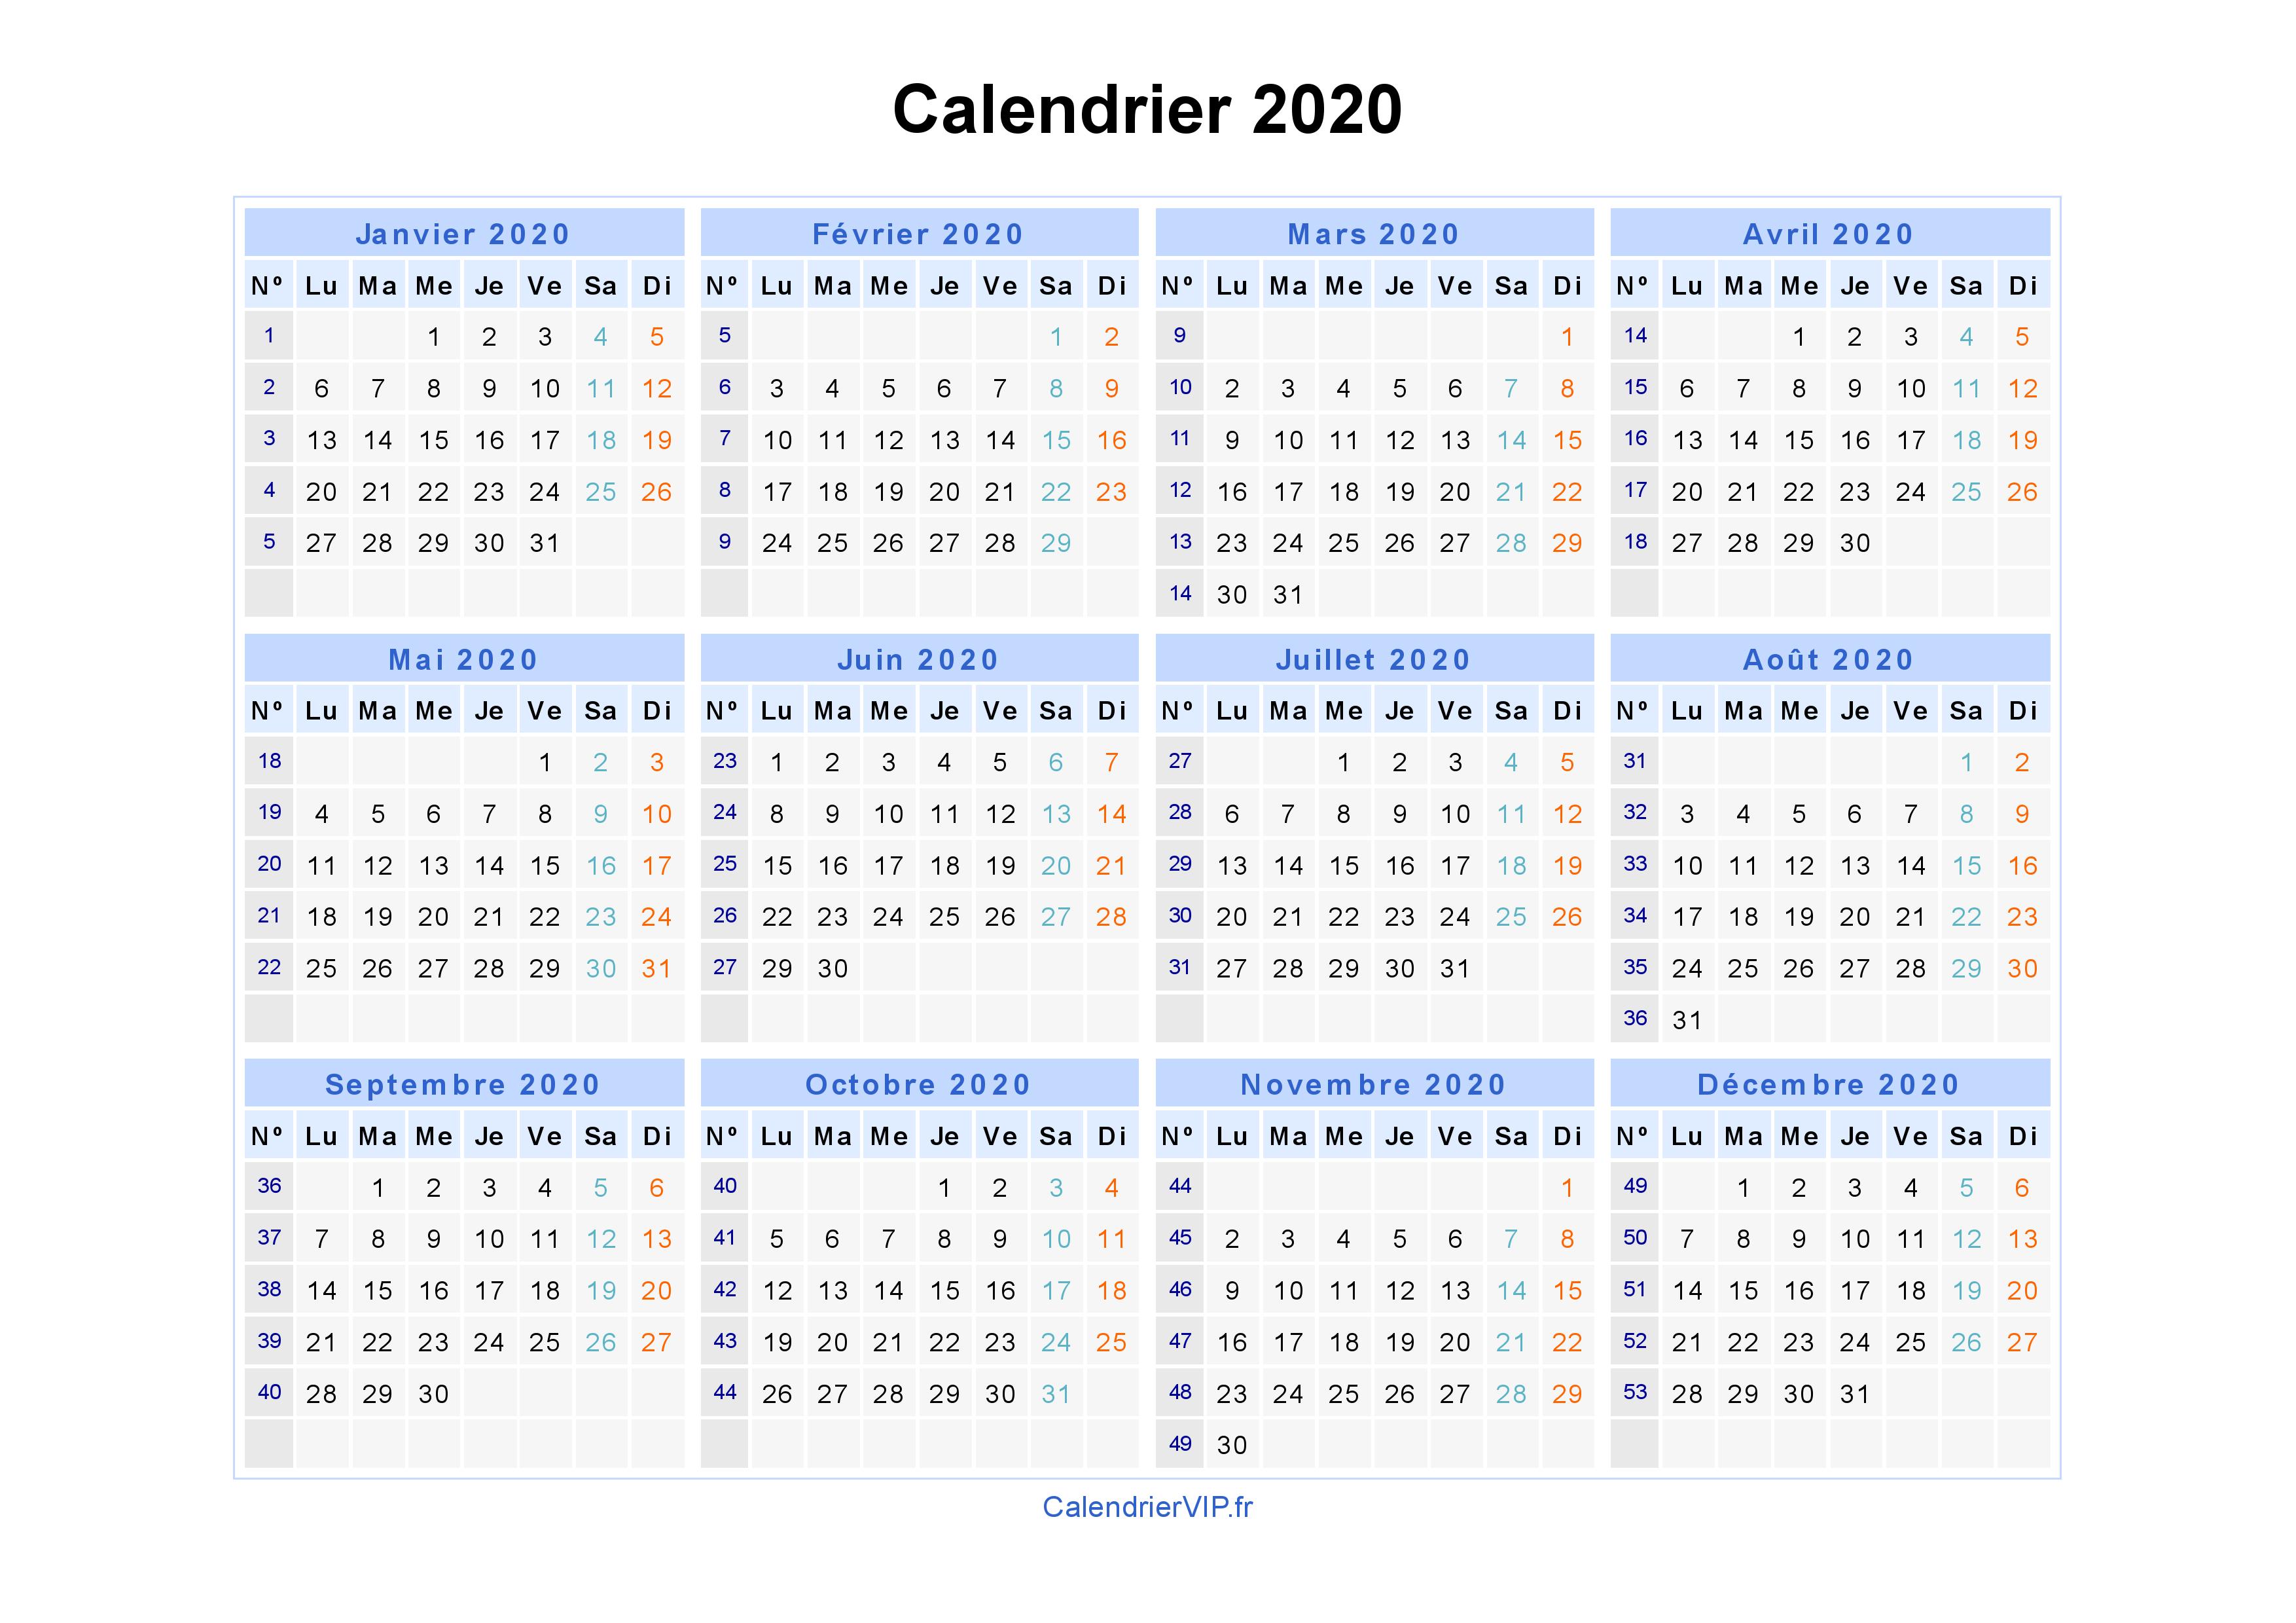 Calendrier 2020 Deuxieme Semestre.Calendrier 2020 A Imprimer Gratuit En Pdf Et Excel